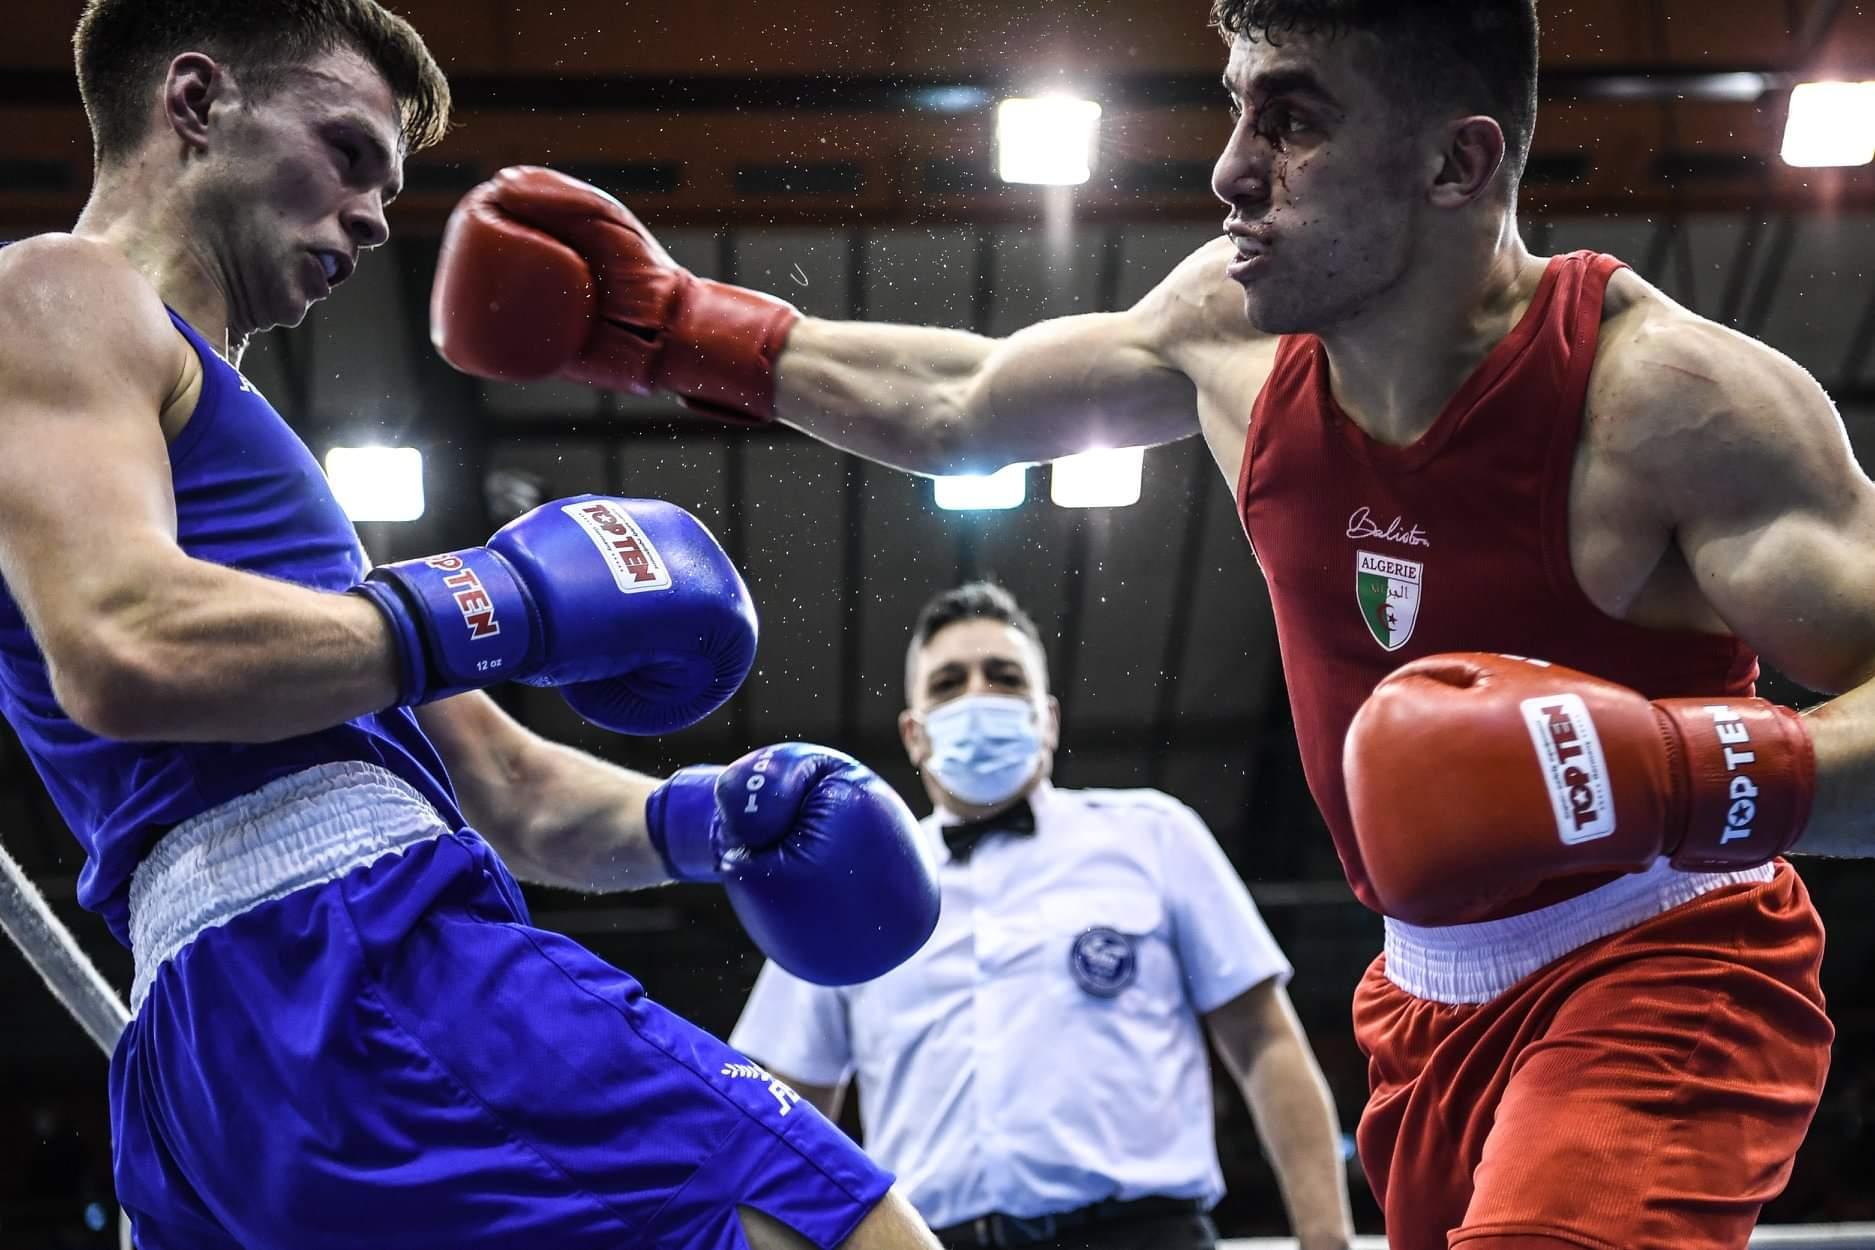 الدورة الدولية ''بوكسكاي إستفان ميموريال'': نتائج الملاكمين الجزائريين في اليوم الأول